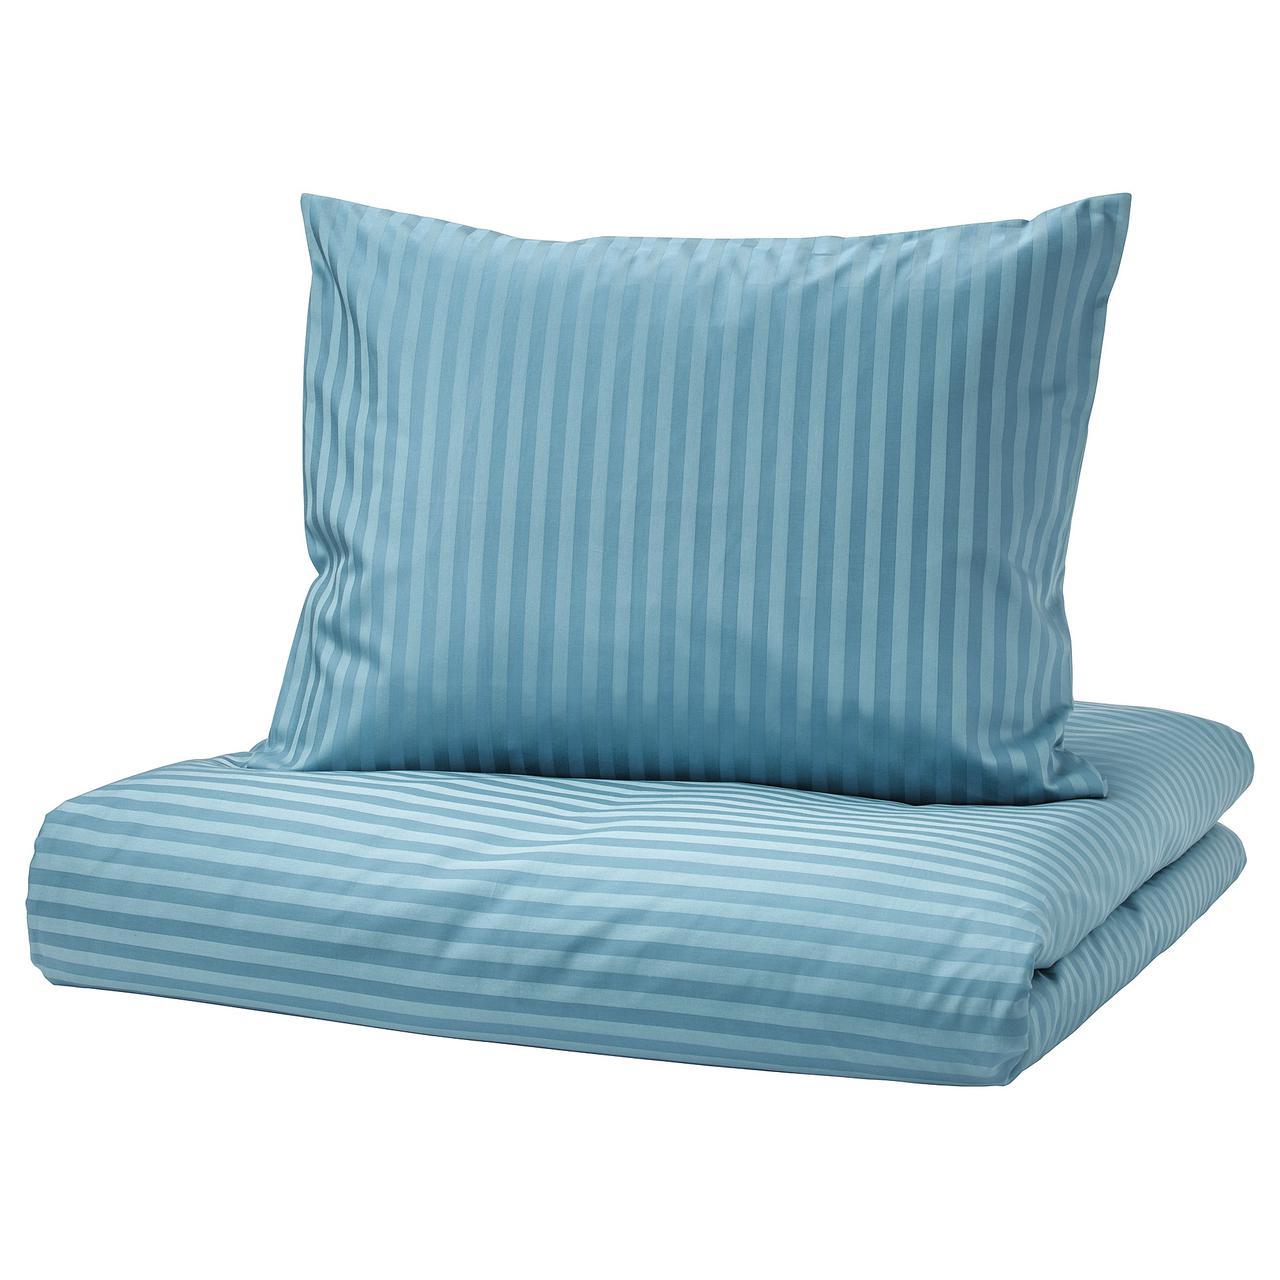 Комплект постельного белья IKEA NATTJASMIN 150х200 см синий 703.442.78